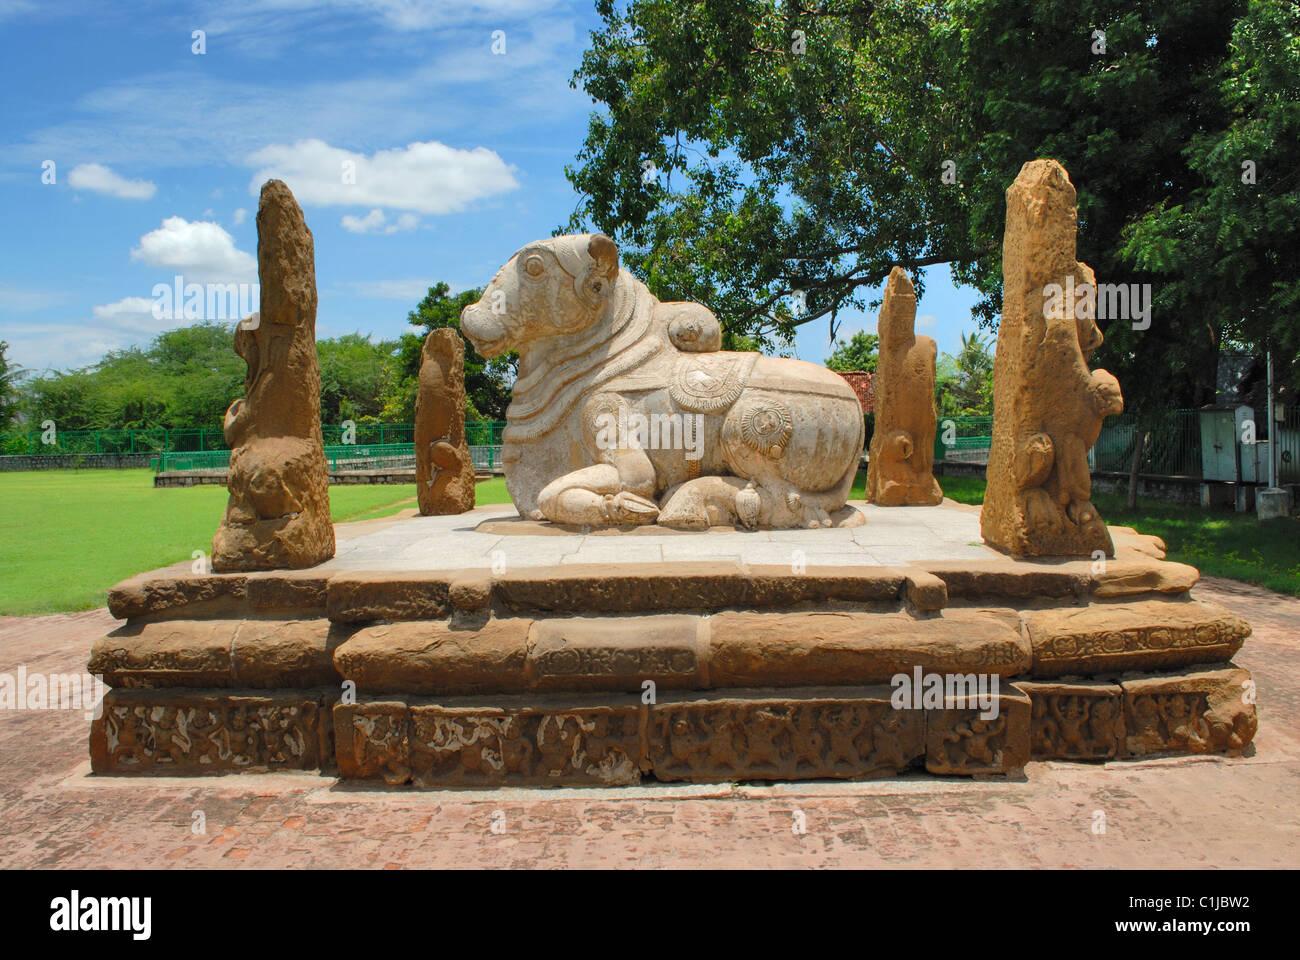 Sculpture de taureau Nandi assis, entouré par quatre piliers, lion au Temple Kailasanatha, Kanchipuram, Tamil Nadu, Inde Banque D'Images